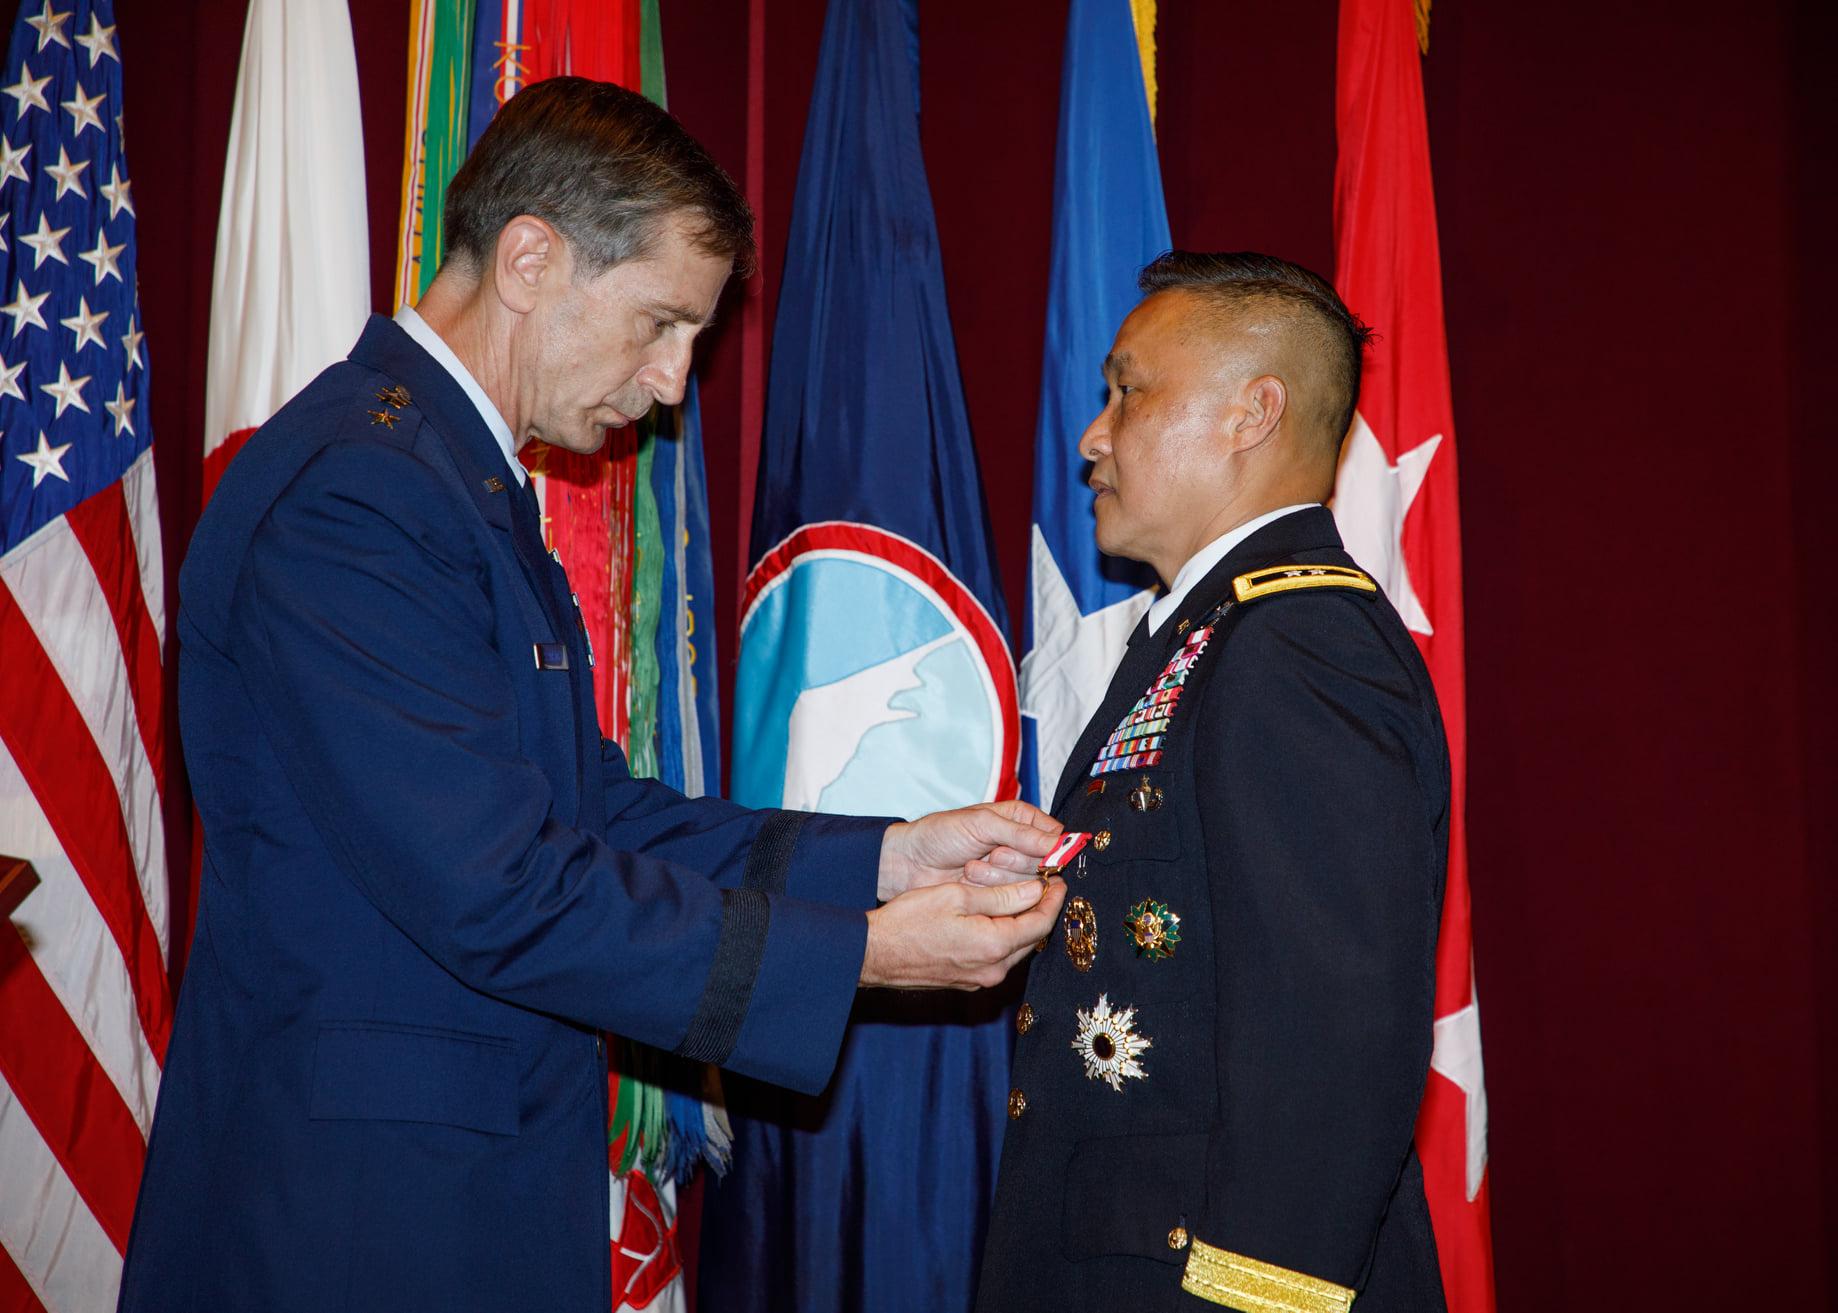 Tướng Lương Xuân Việt giải ngũ sau 34 năm trong quân đội Mỹ DP-Luong-Xuan-Viet-Nghi-Huu-2